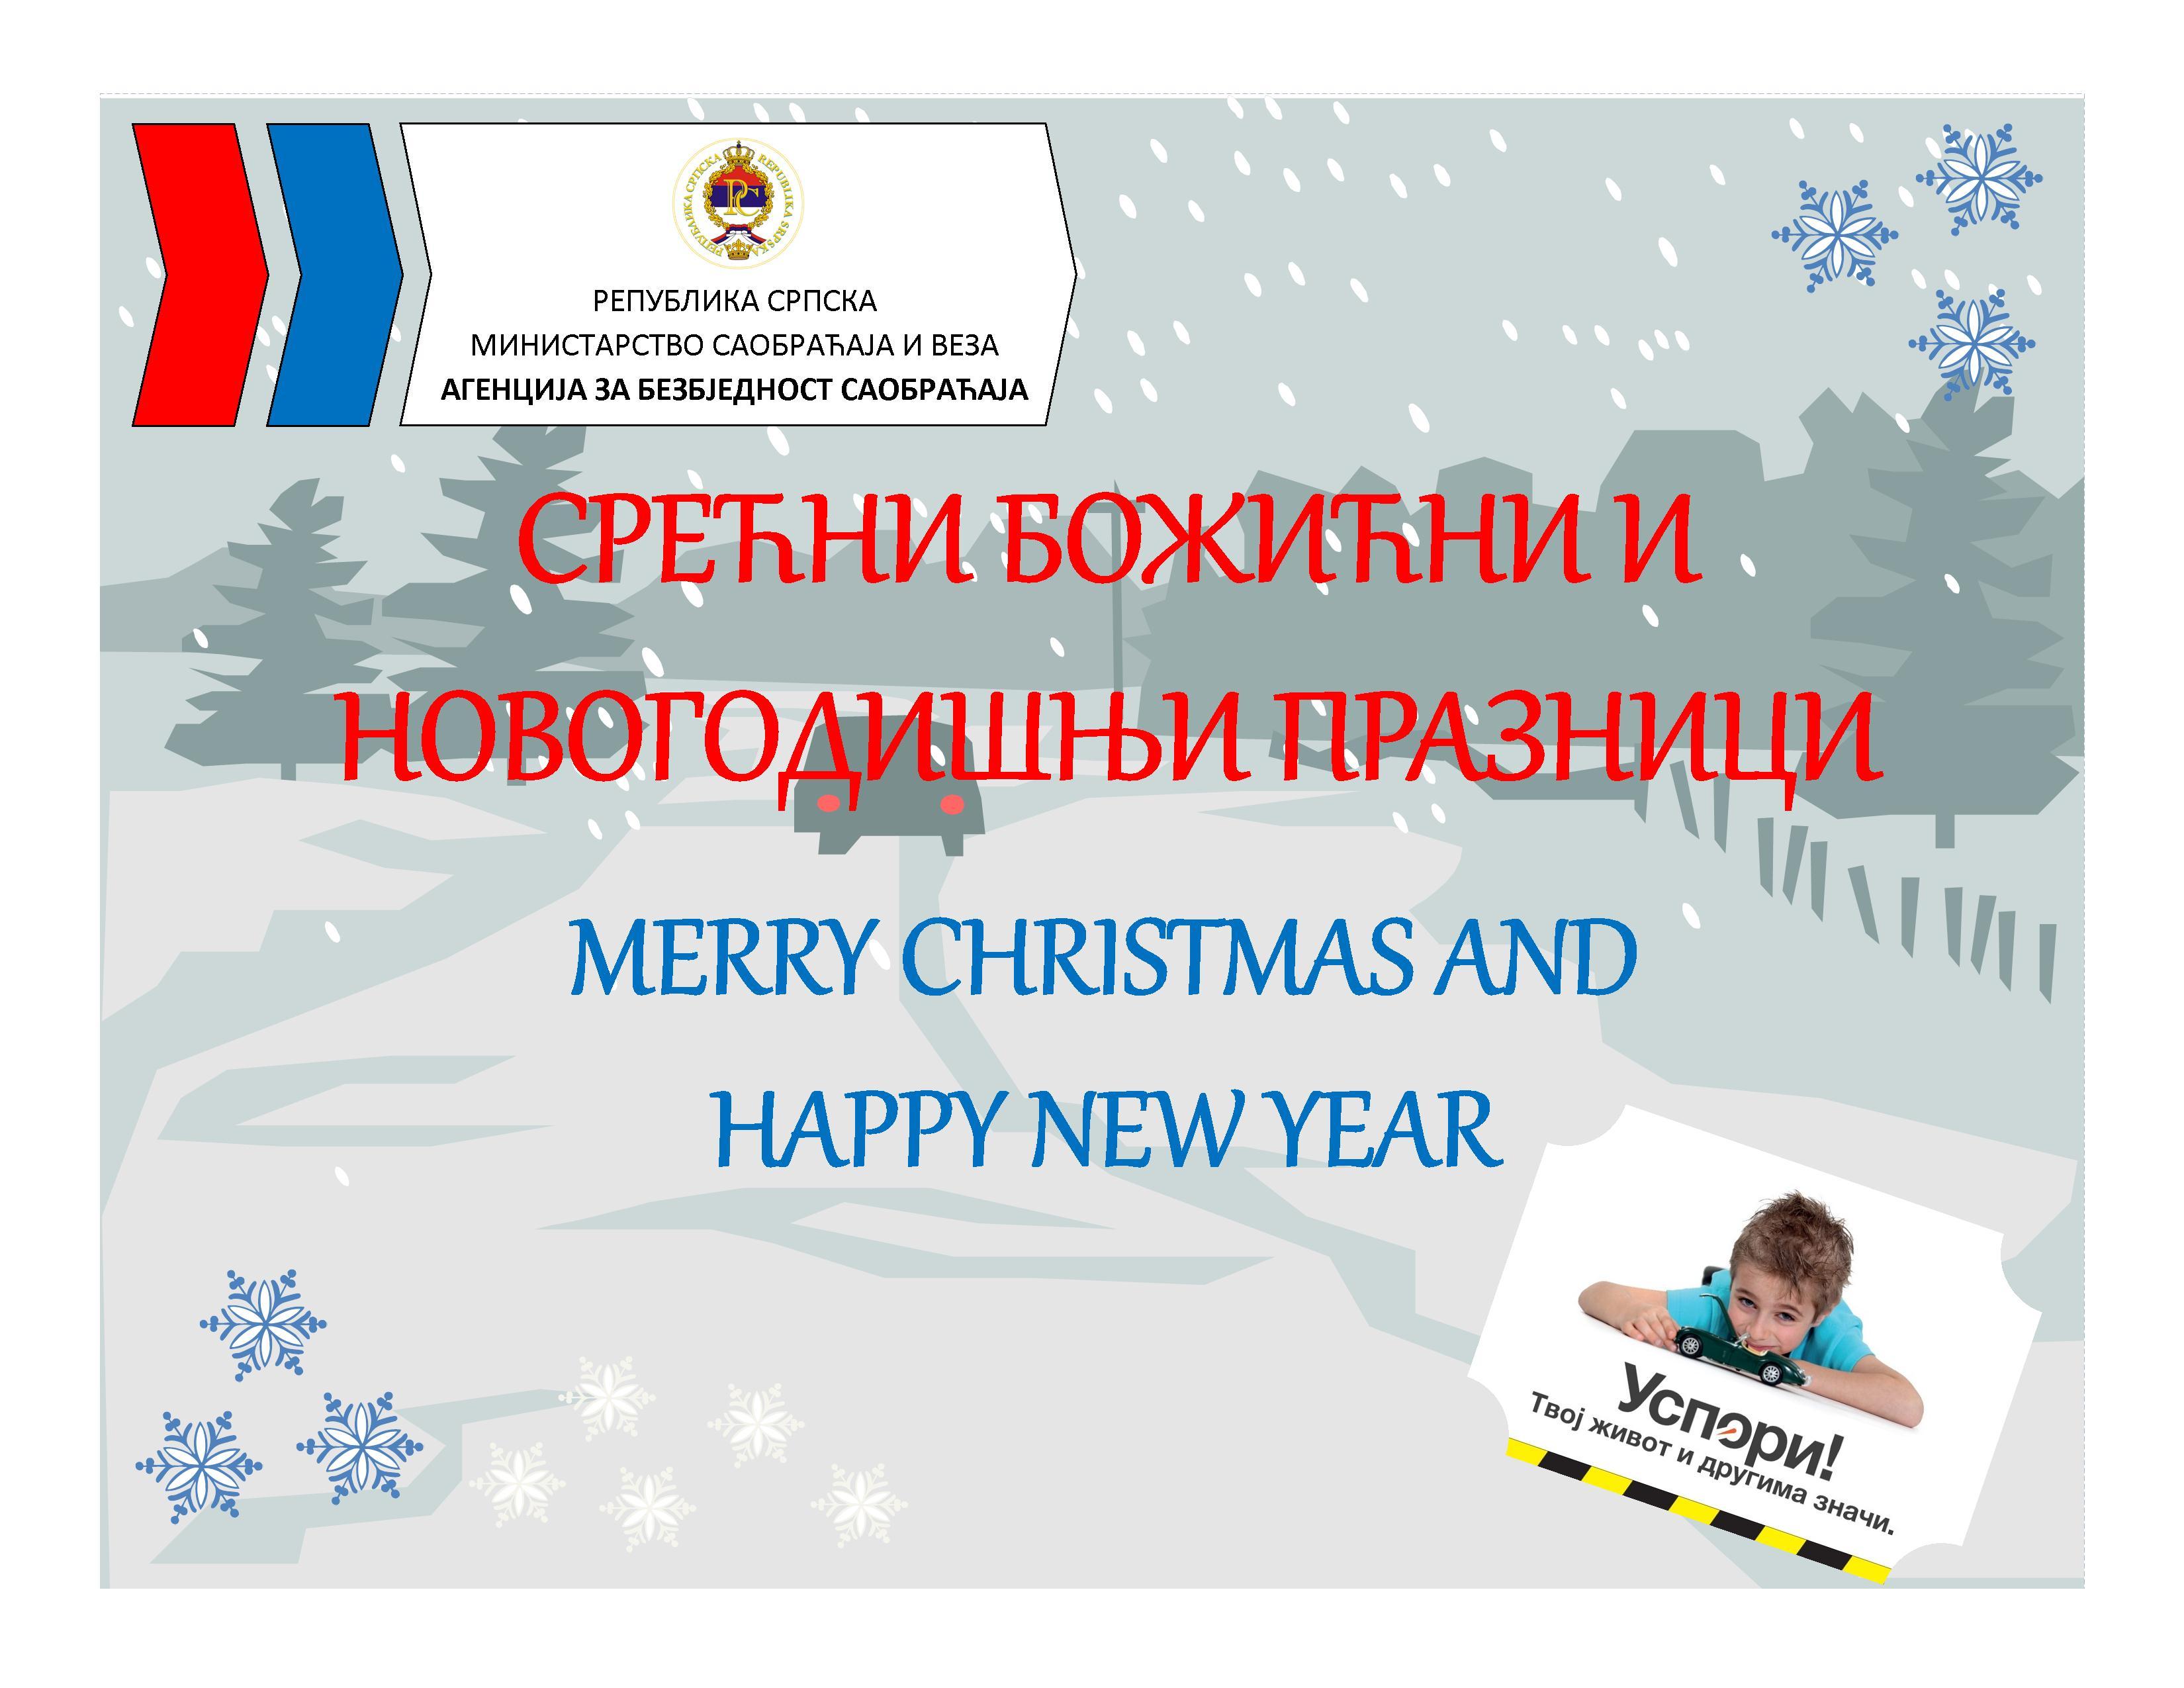 Срећни и безбједни празници